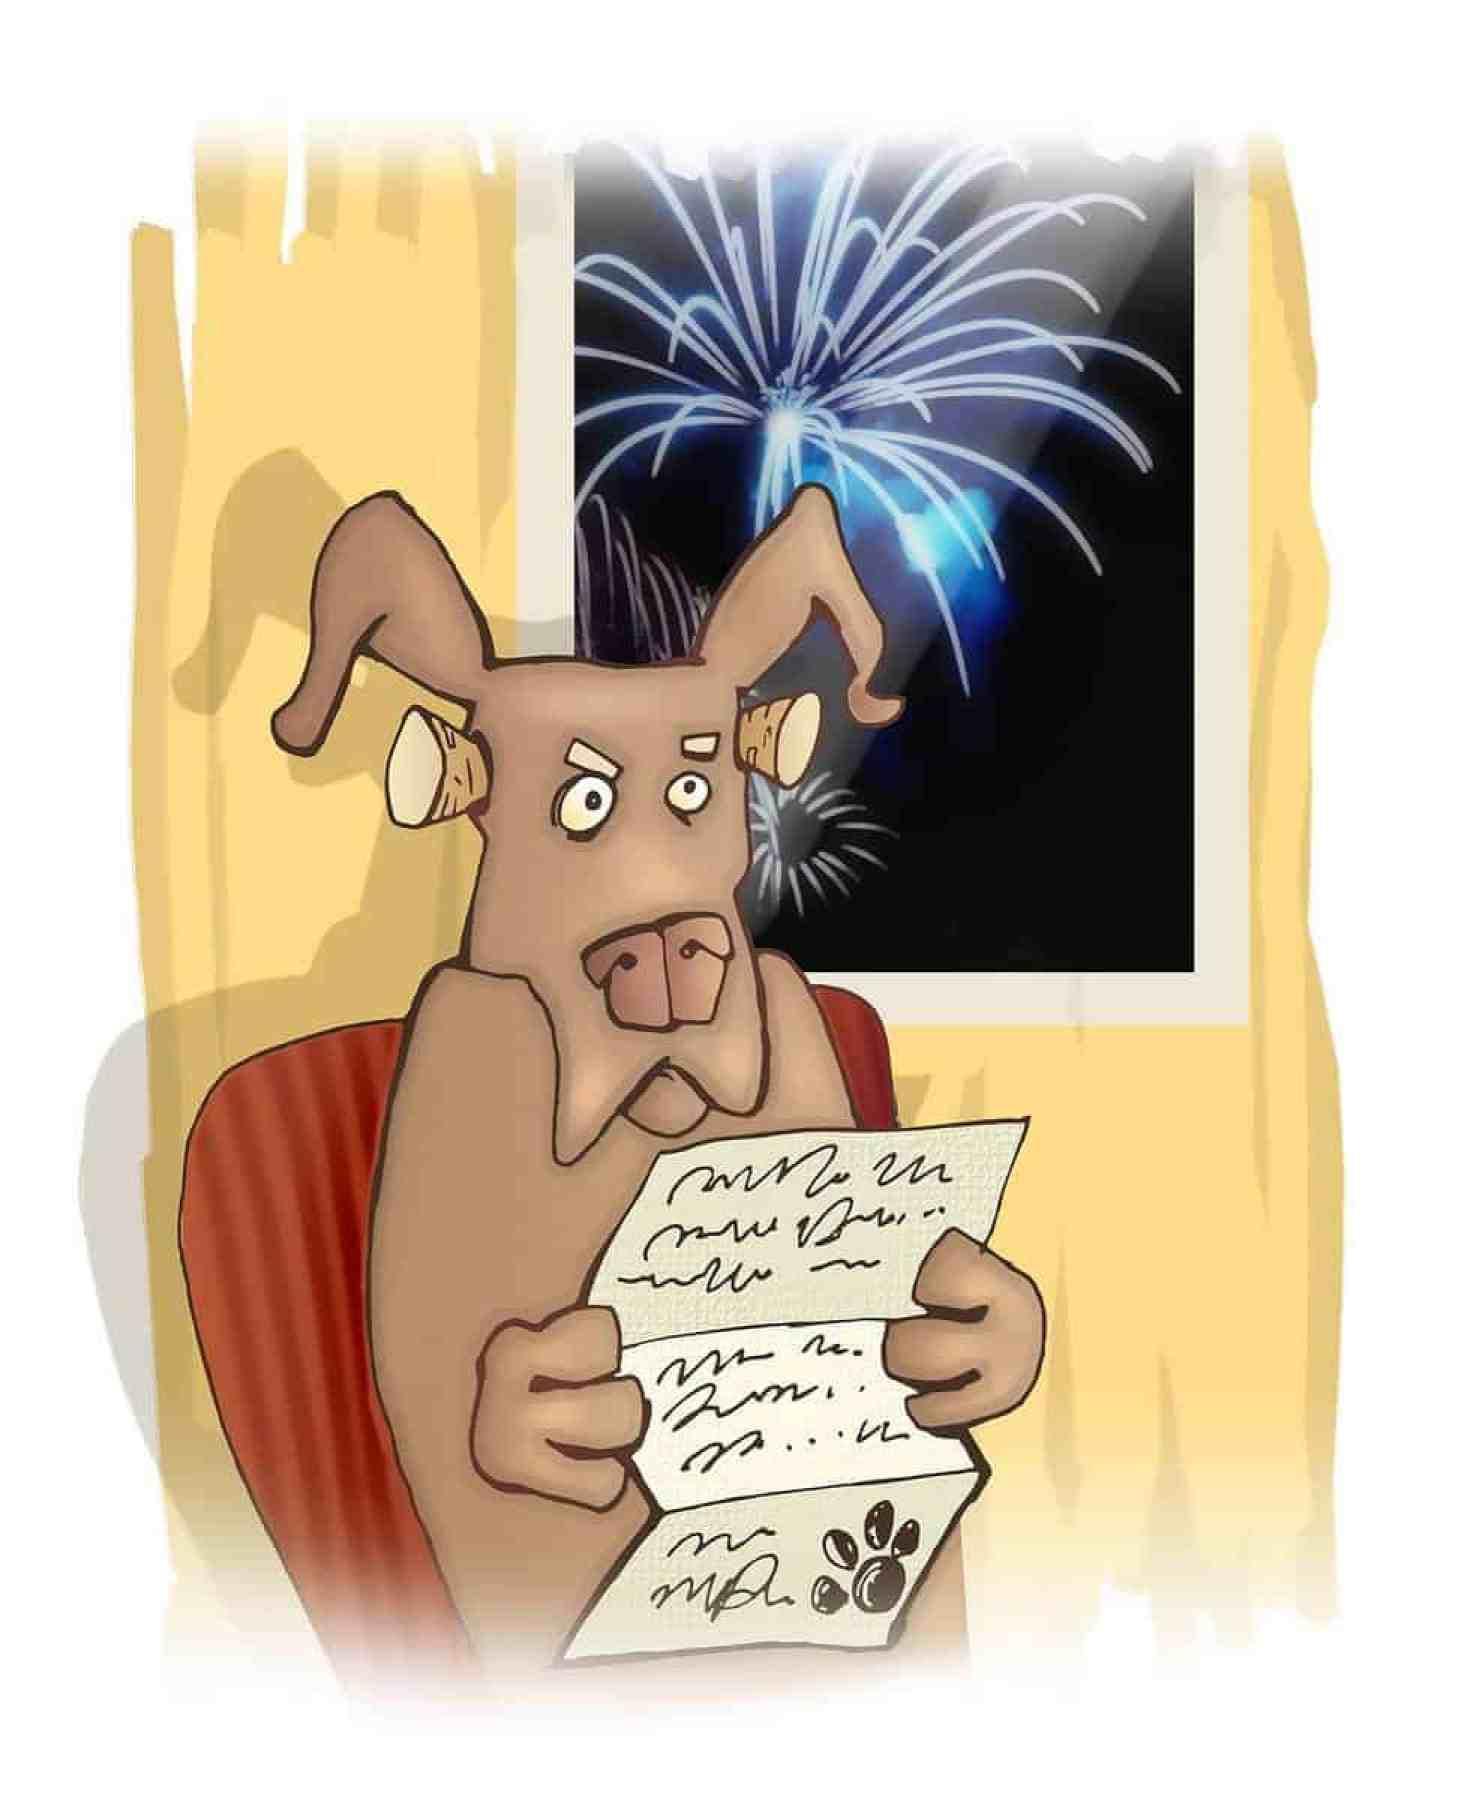 pies boi się fajerwerków